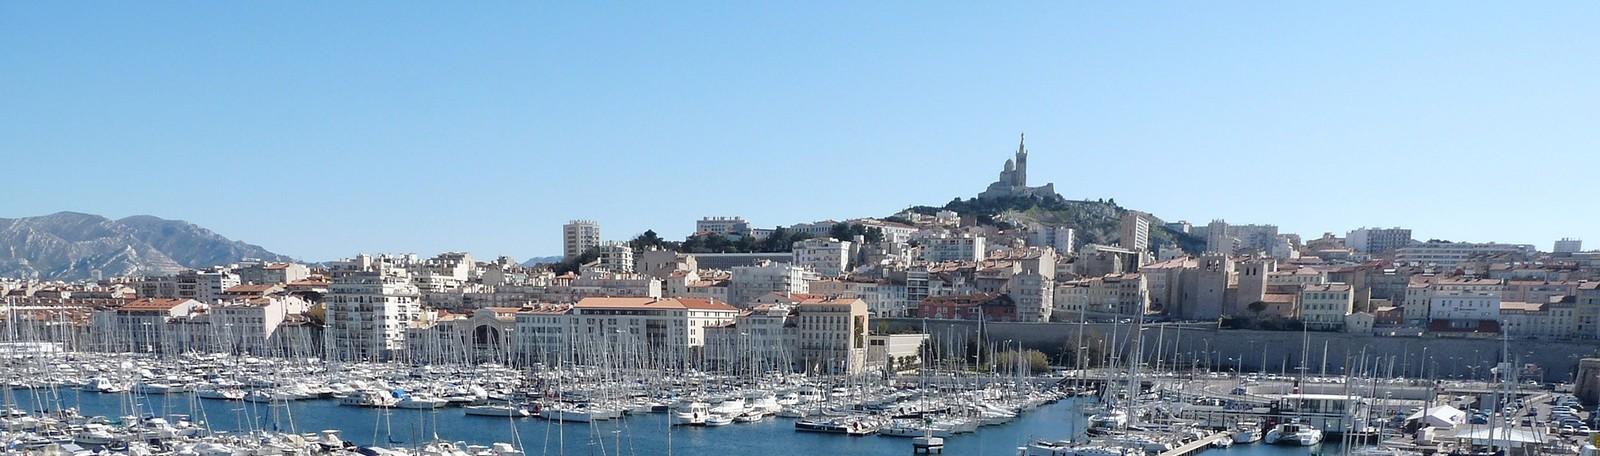 Parking Les Docks - Parkeren in Marseille | Q-Park